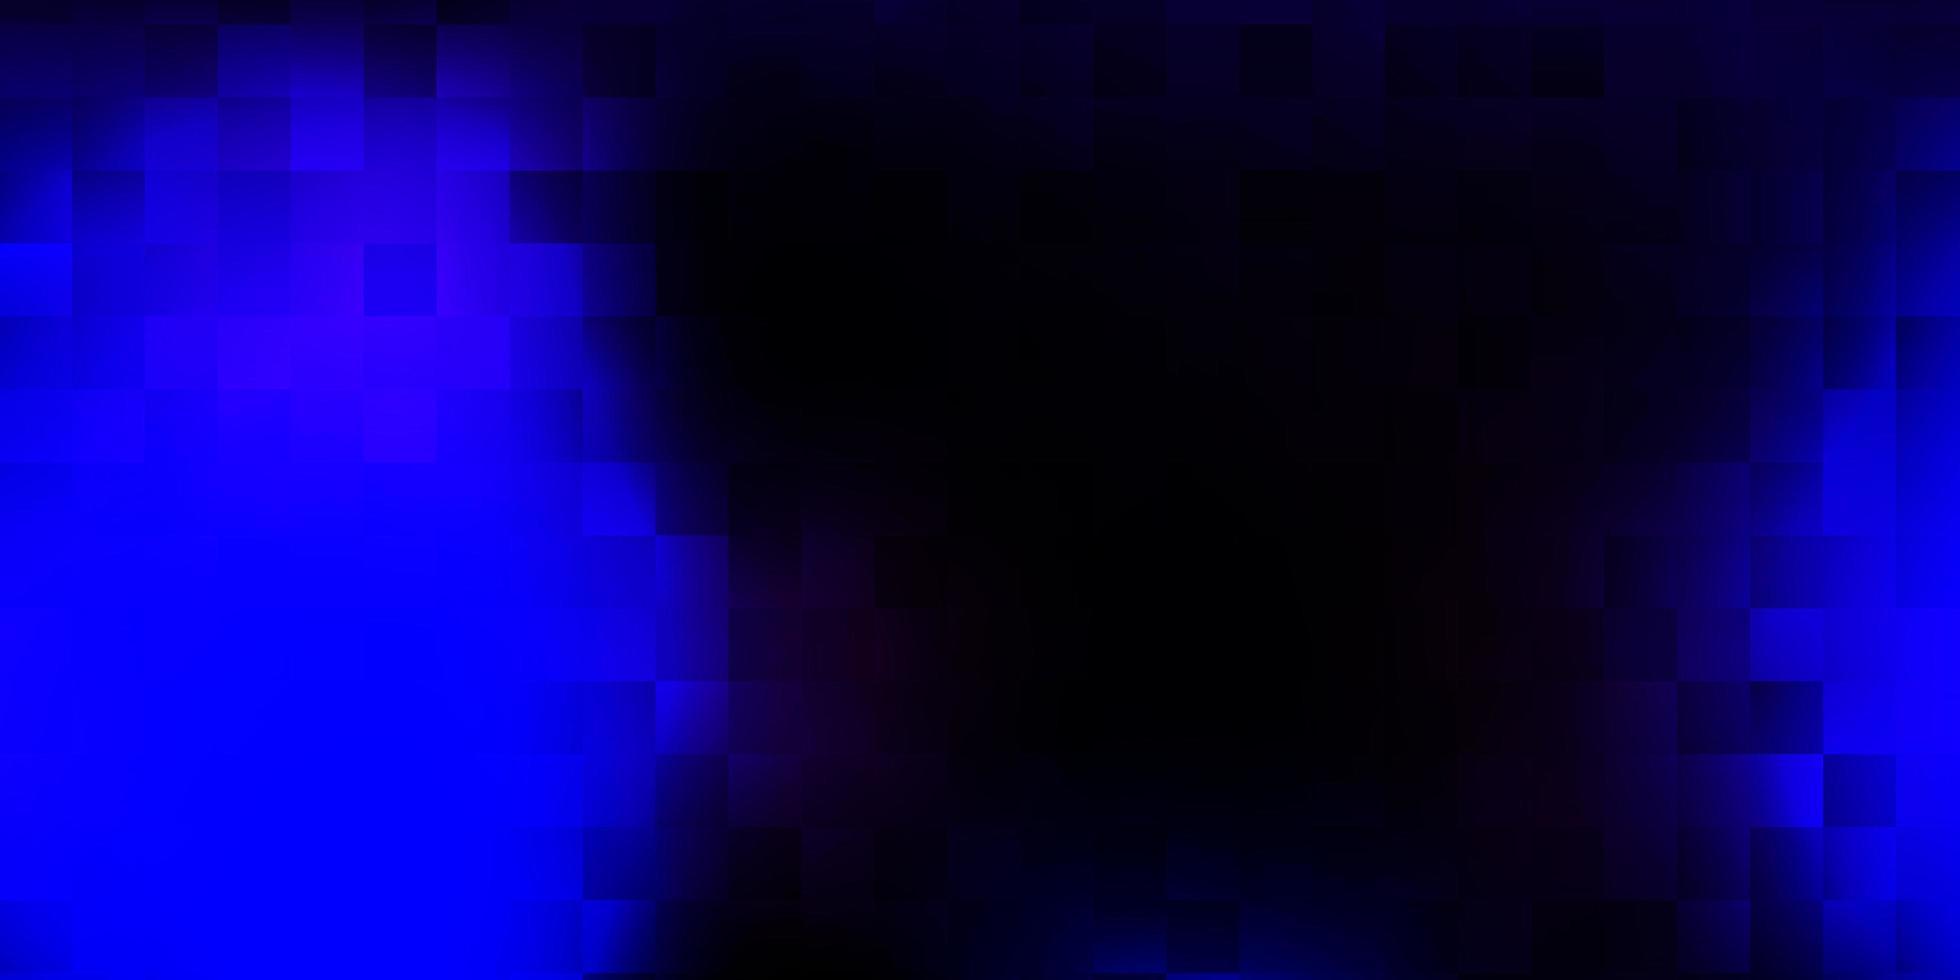 fundo vector rosa escuro, azul com formas aleatórias.